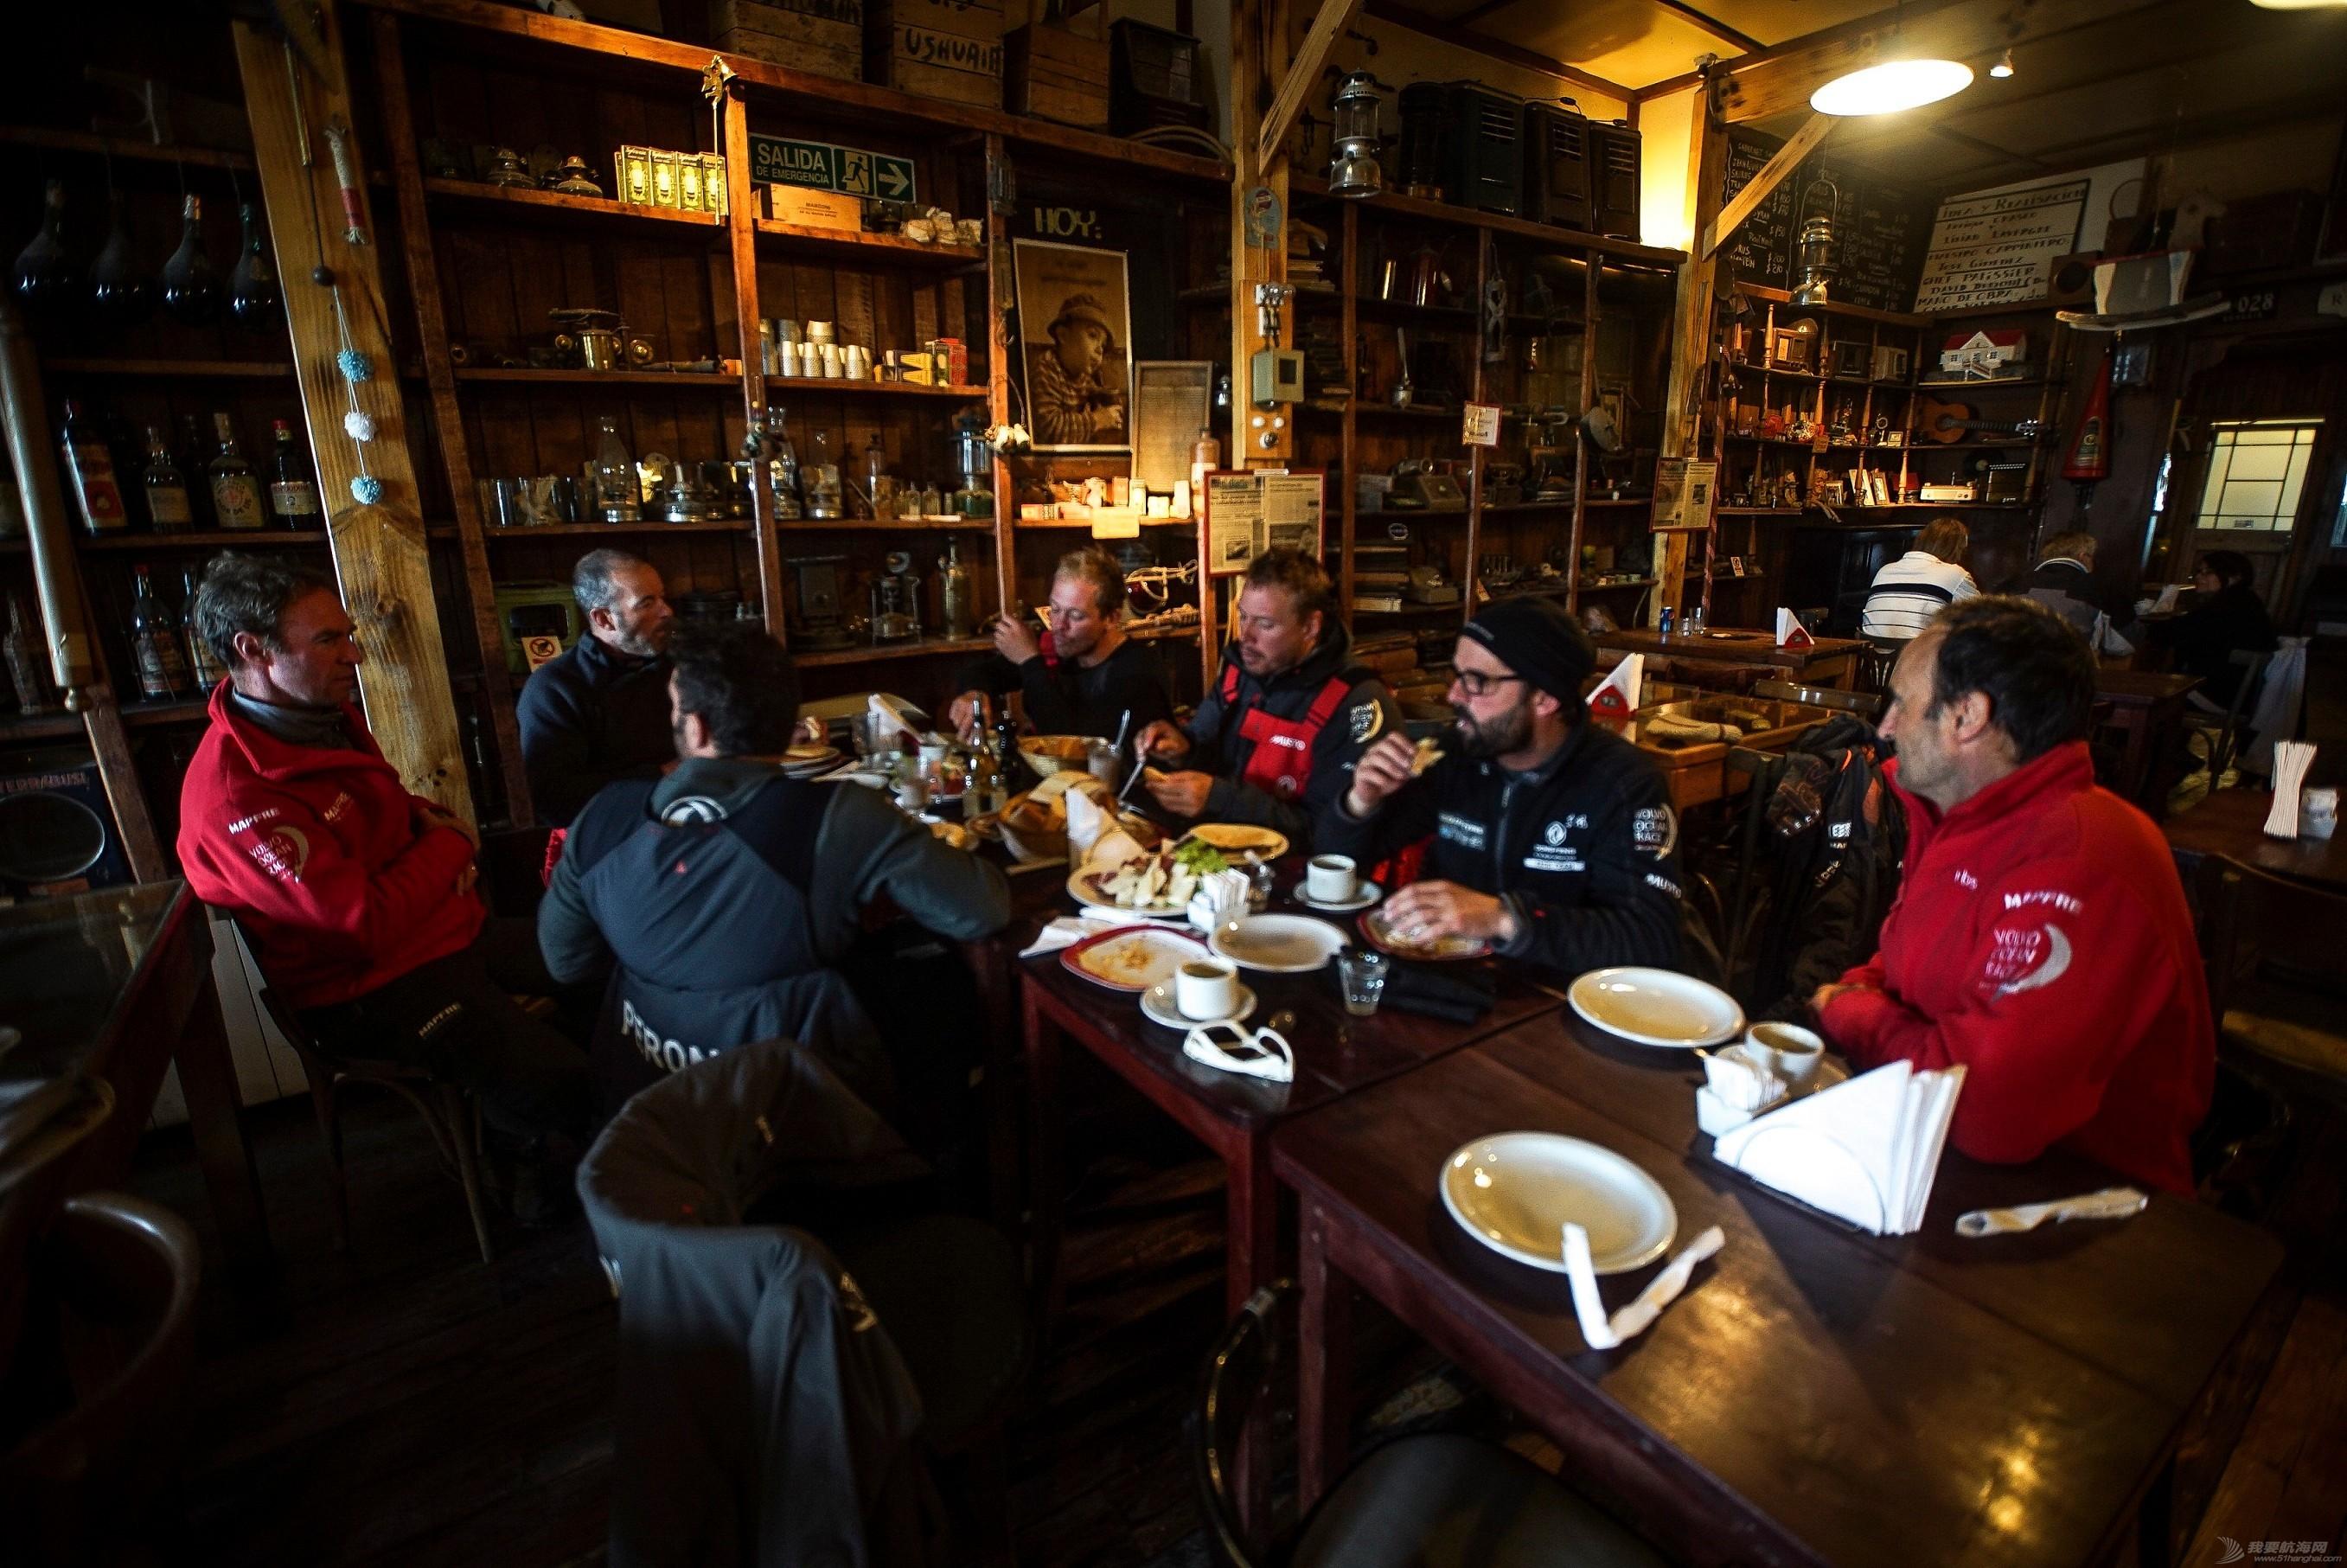 天气预报,北京时间,沃尔沃,乌斯怀亚,阿根廷 从乌斯怀亚前往伊塔加 东风队为第六赛段做准备